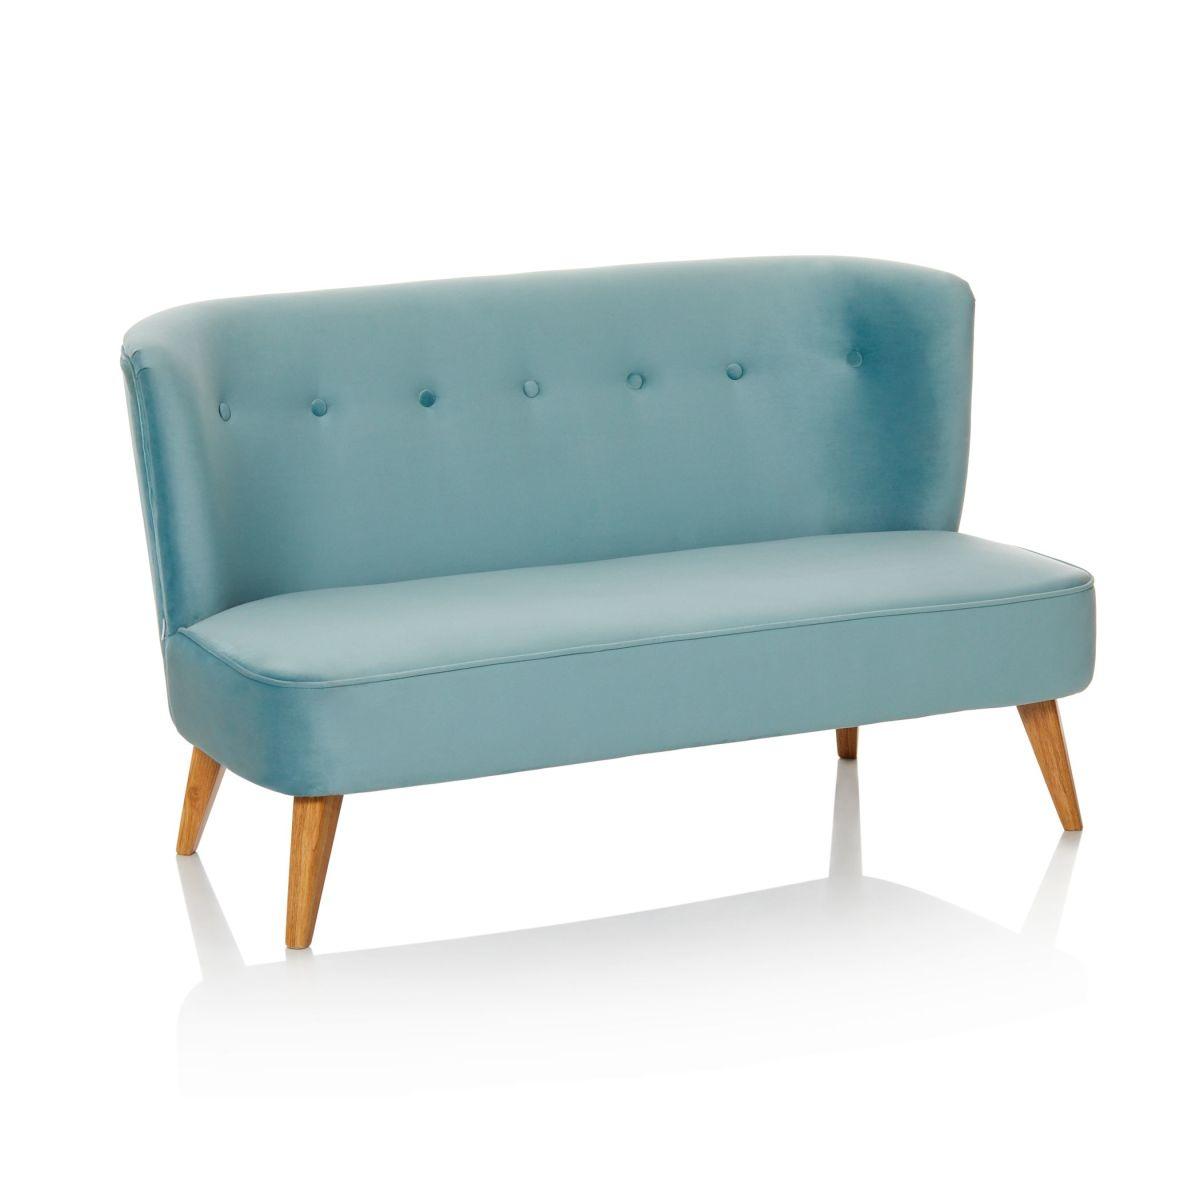 vintage sofa couch samtbezug versandkostenfreie m bel online bestellen. Black Bedroom Furniture Sets. Home Design Ideas